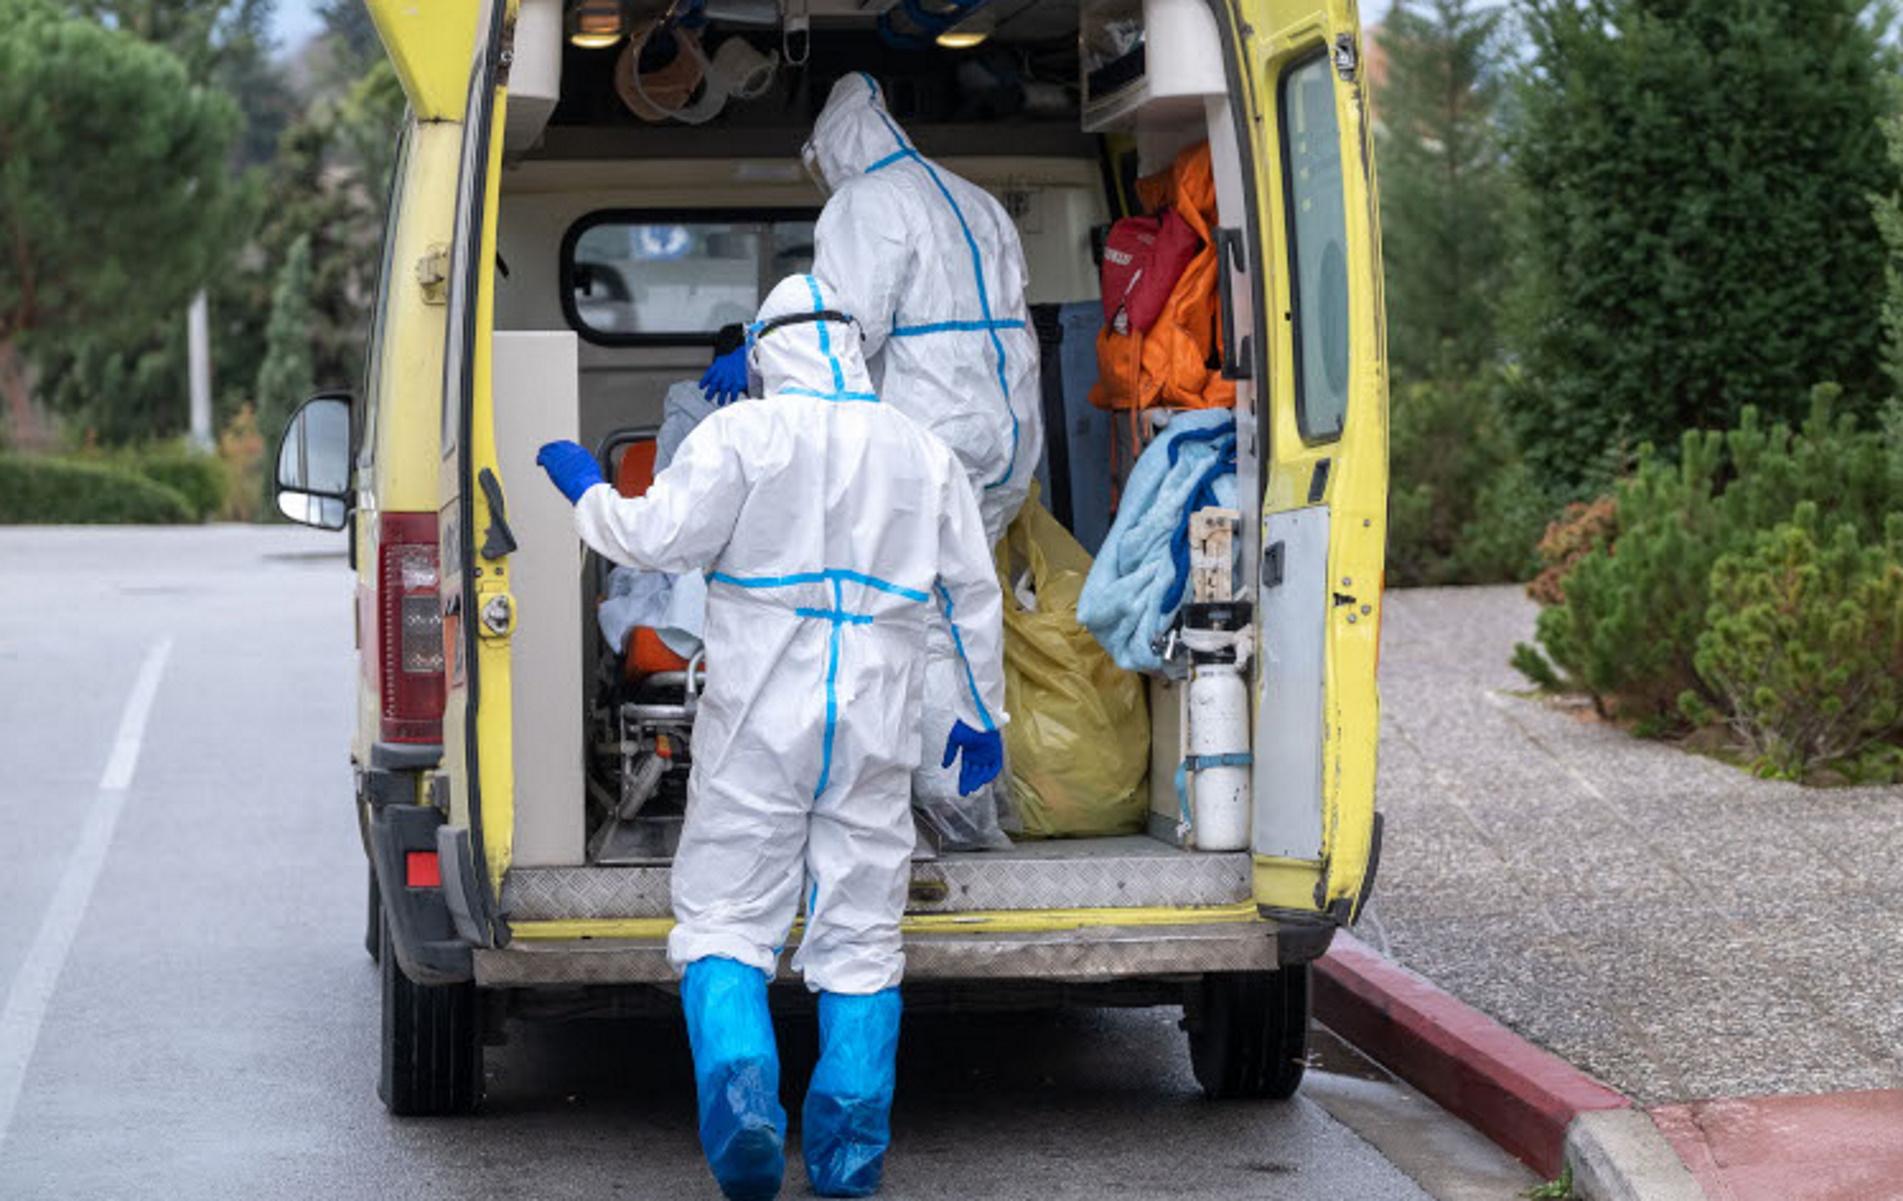 Ηράκλειο – κορονοϊός: Σάλος για τον 65χρονο που «έφυγε» σπίτι του αβοήθητος